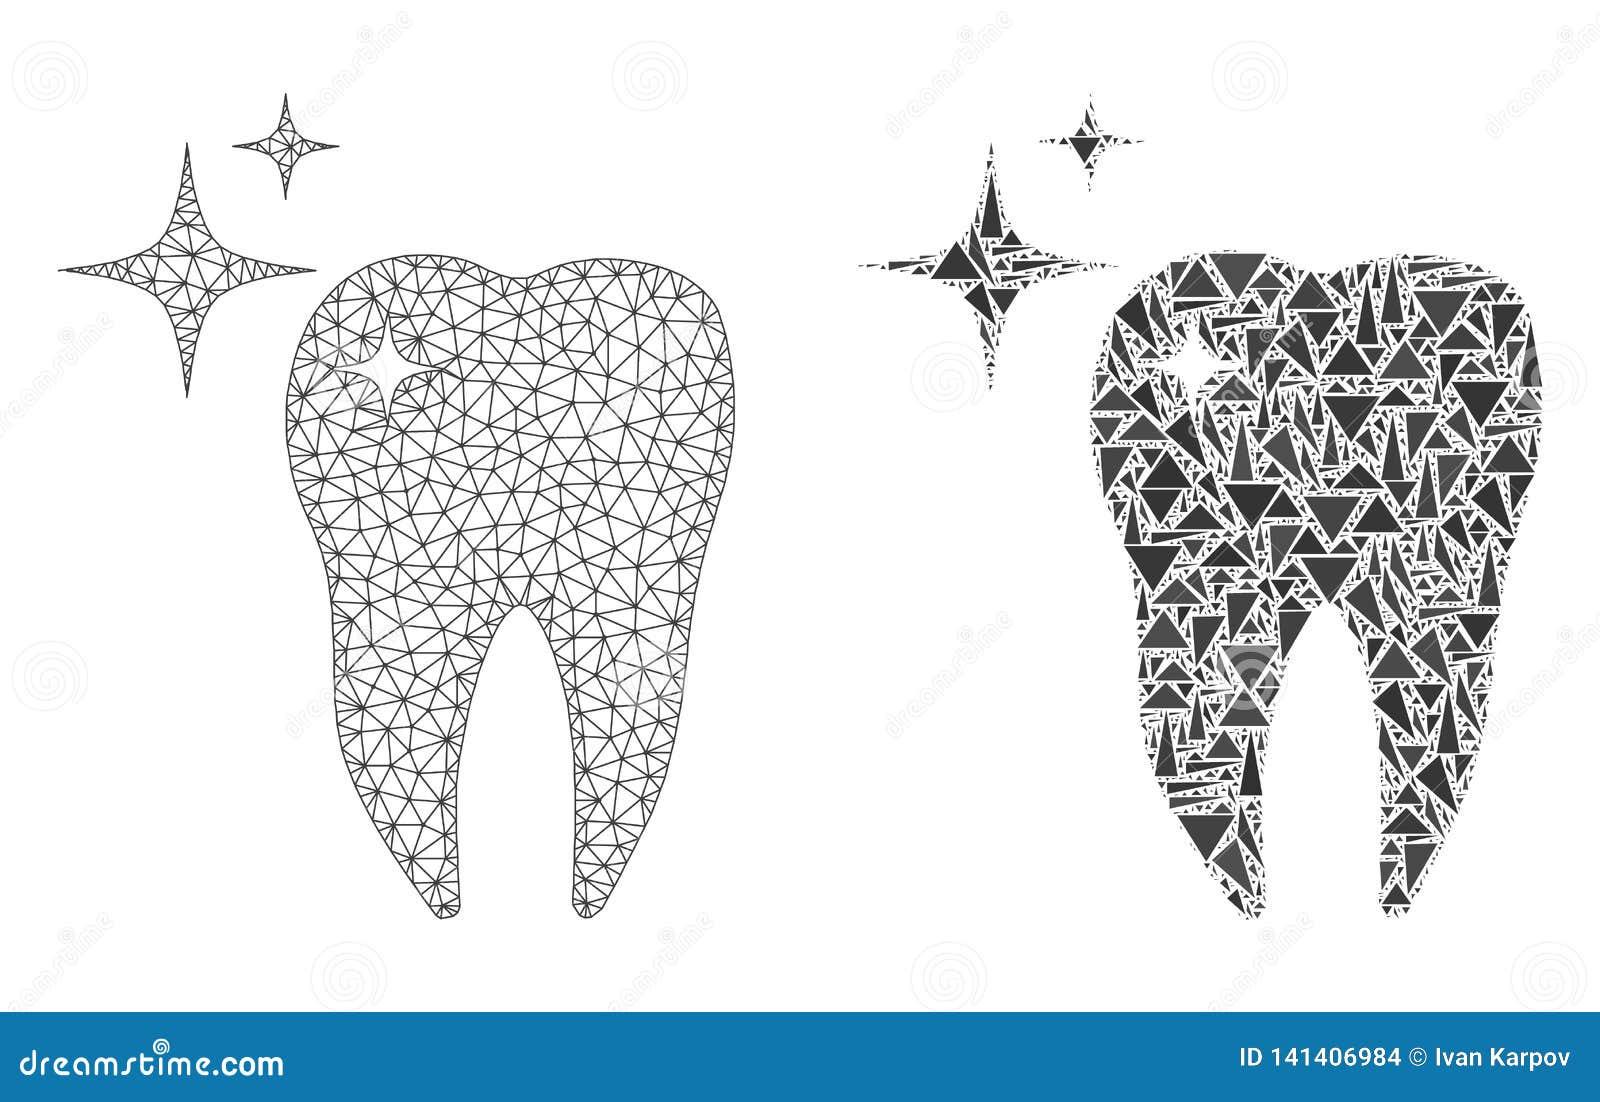 Struttura poligonale Mesh Excellent Tooth del cavo ed icona del mosaico